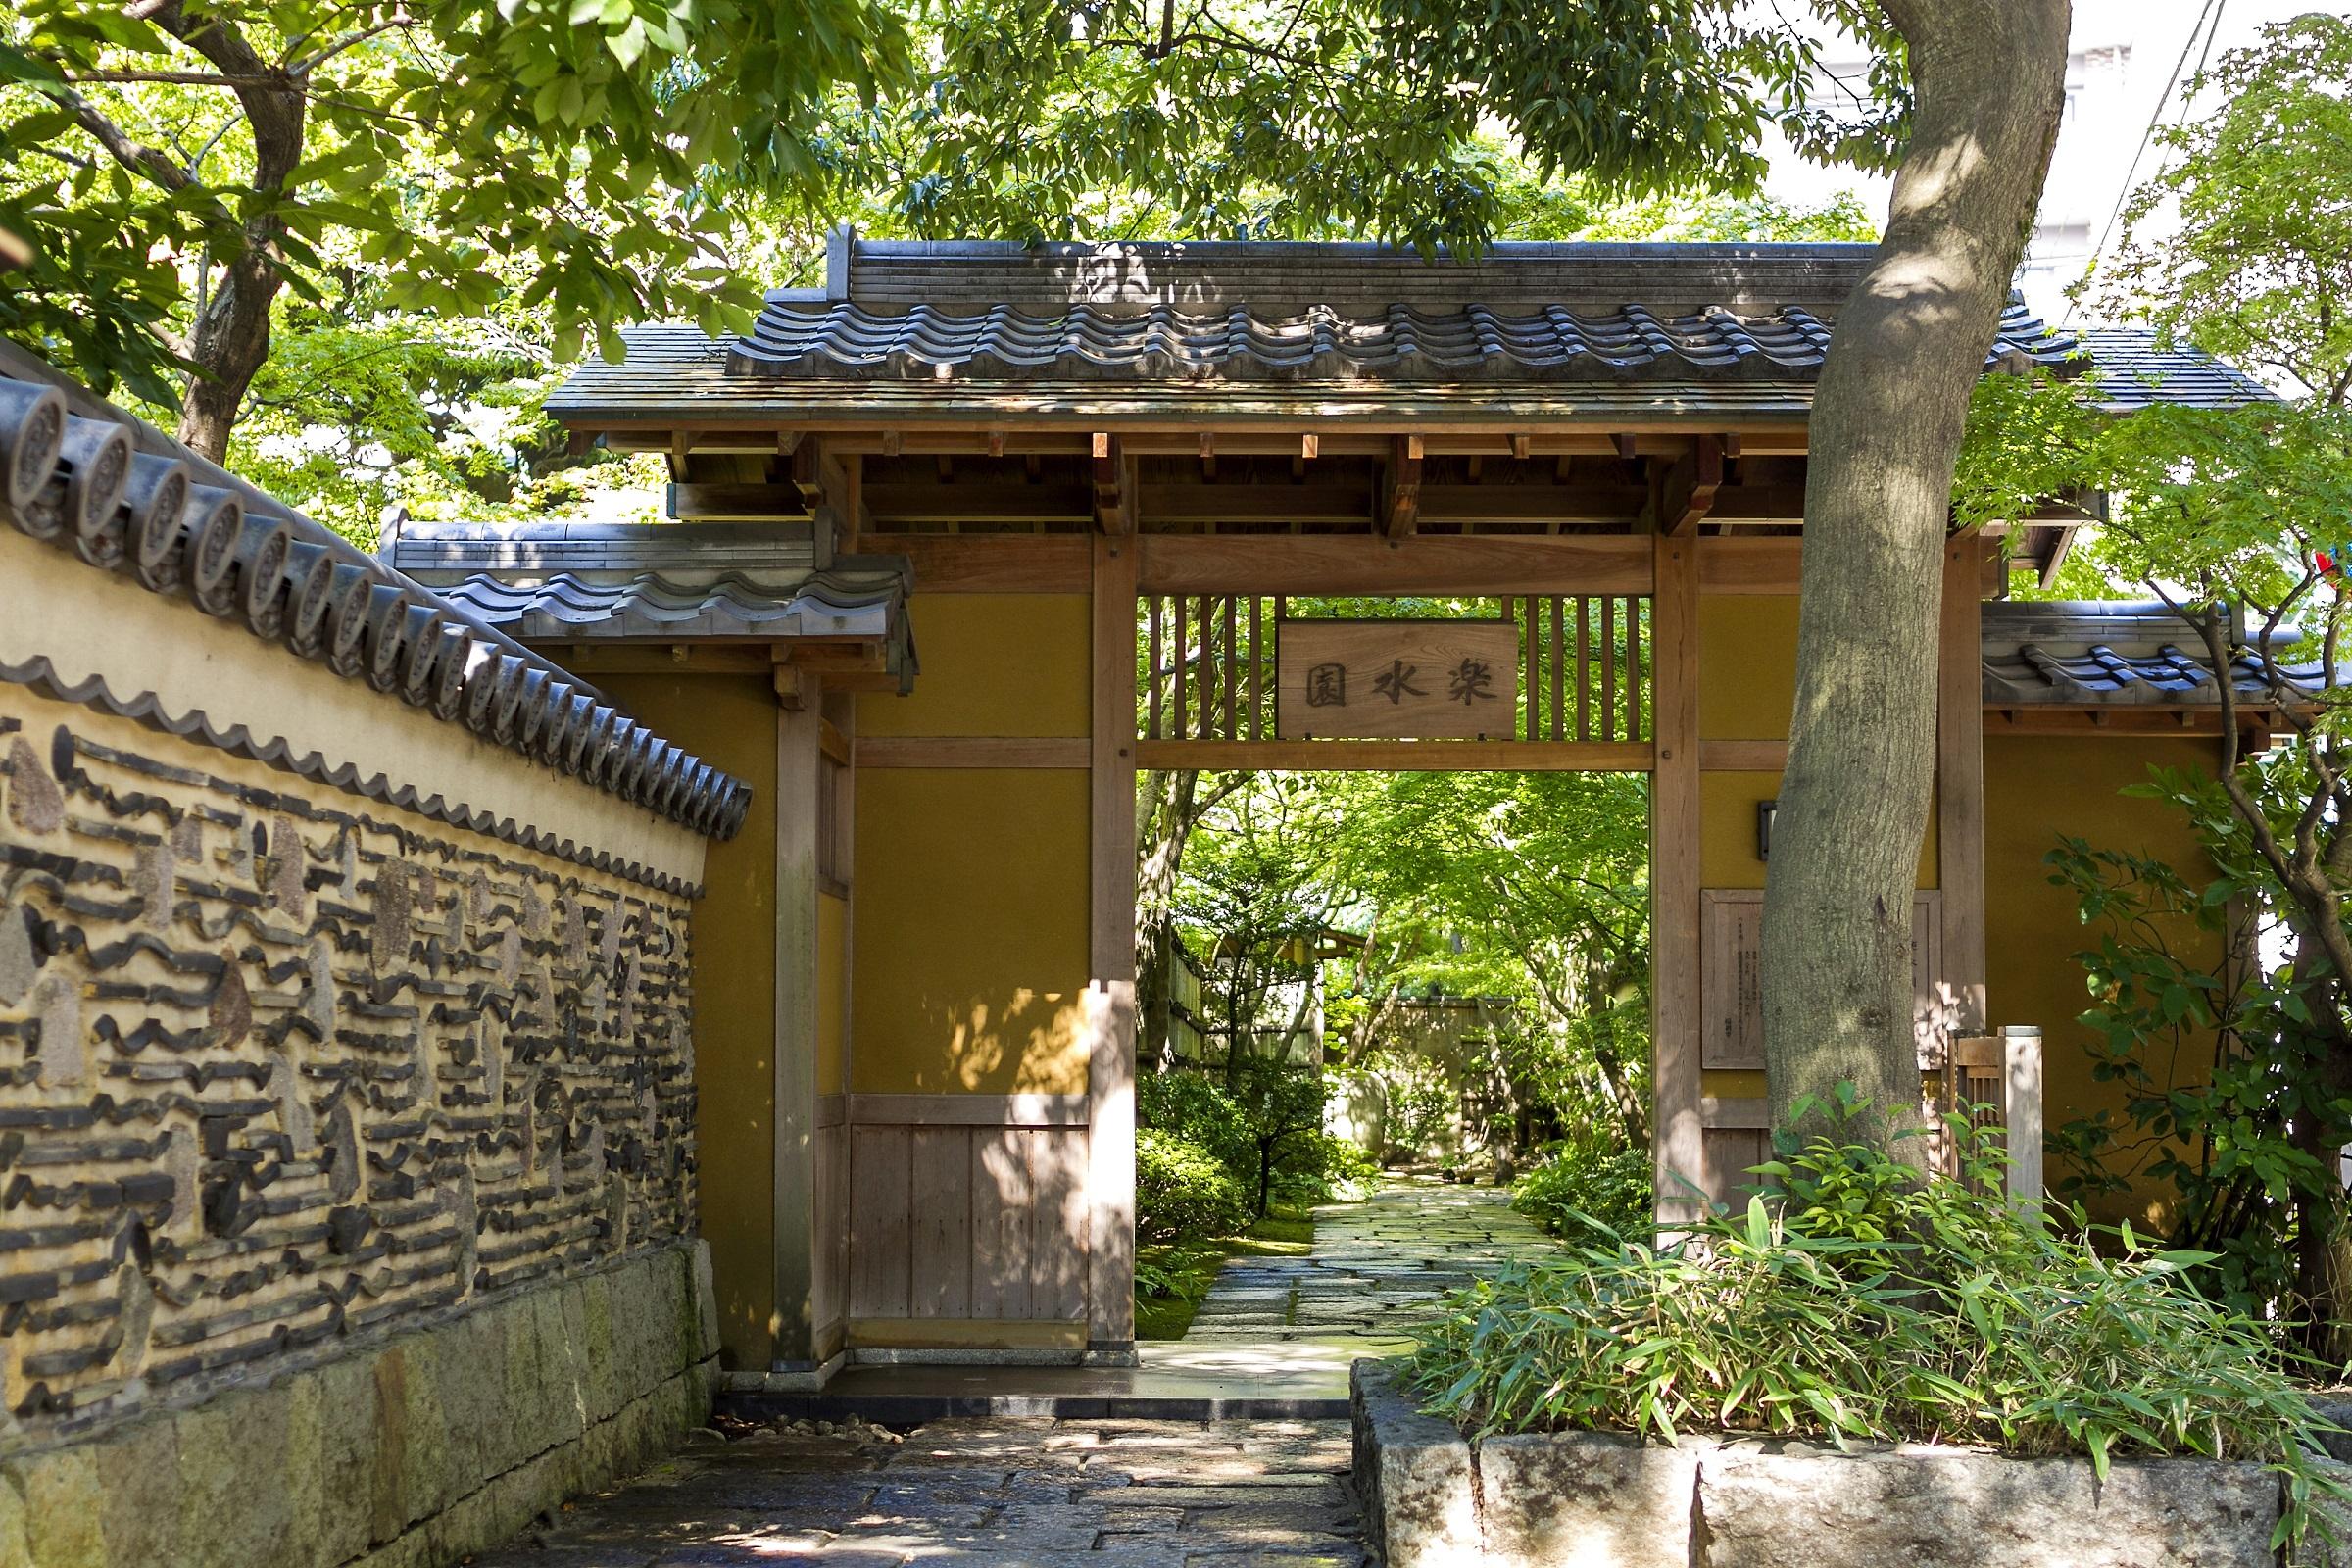 라쿠스이엔 정원(2014)의 이미지